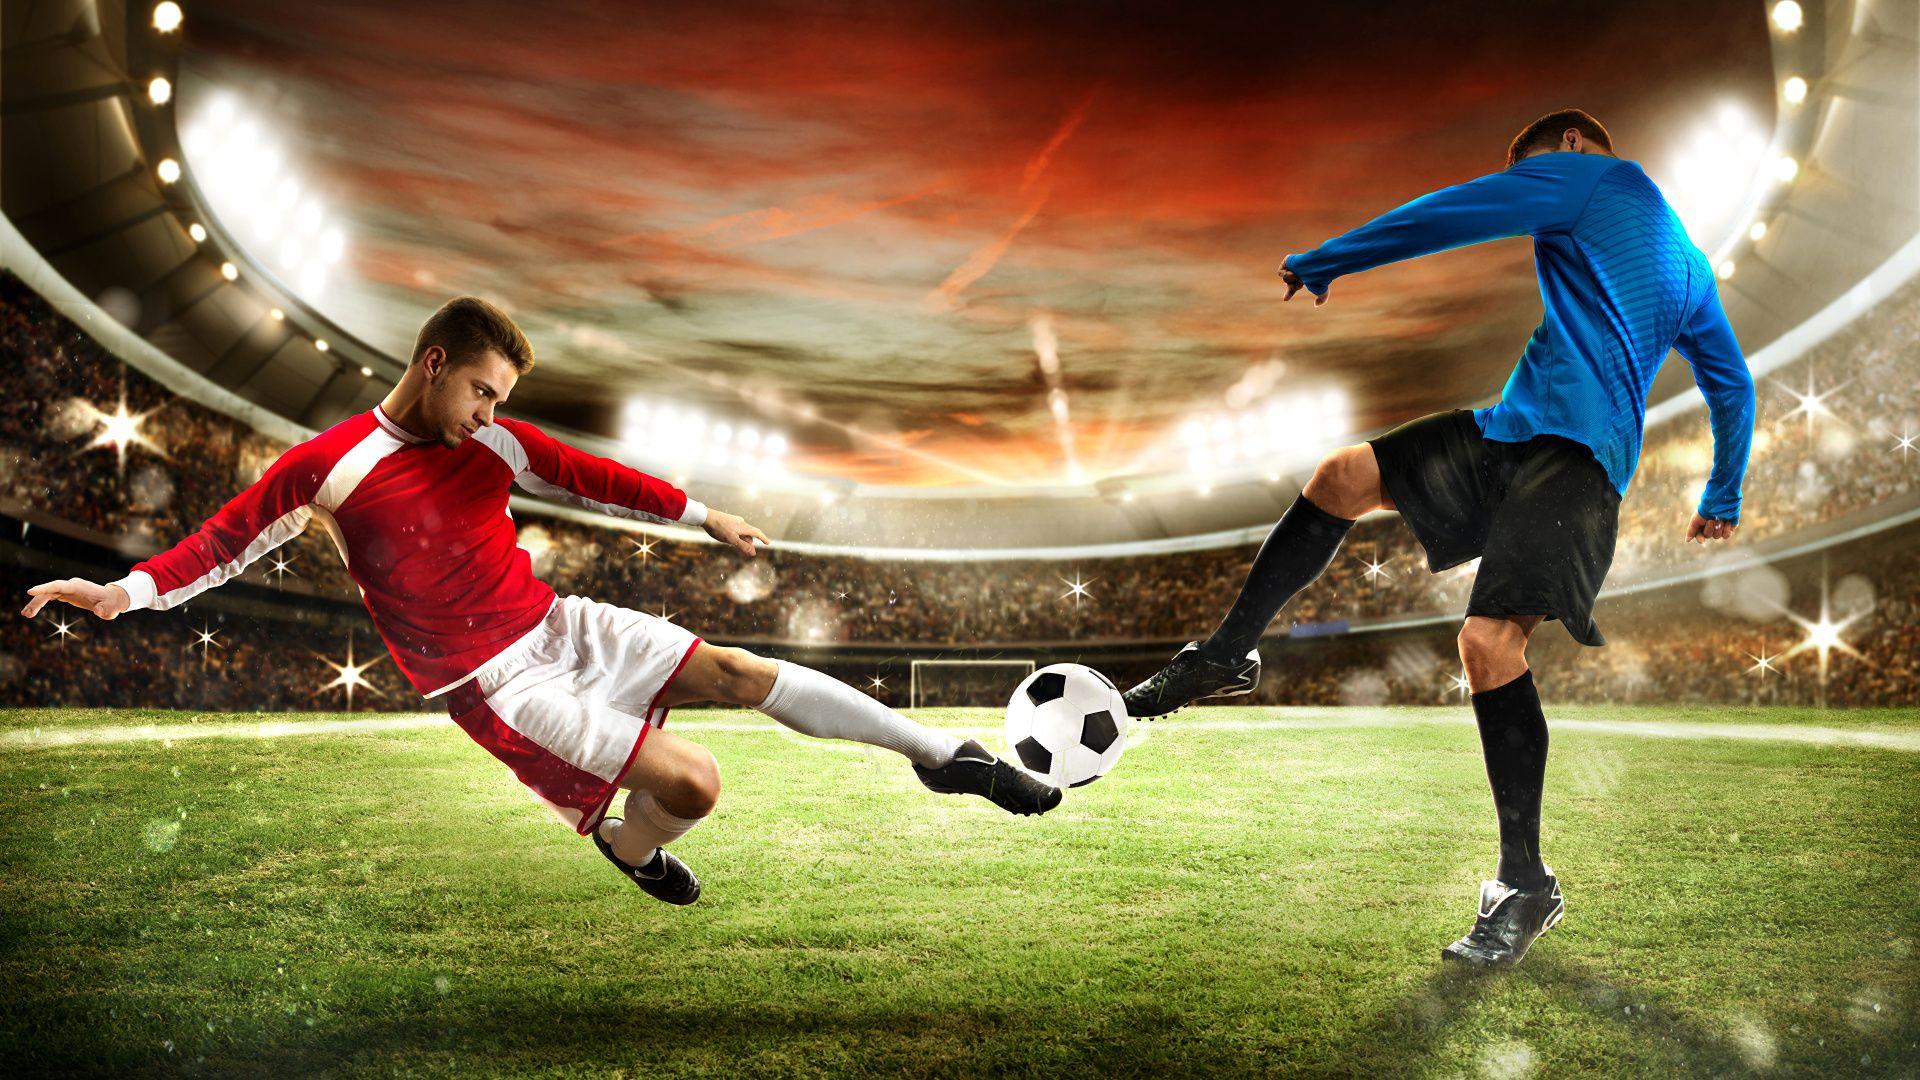 Football Beautiful Photo